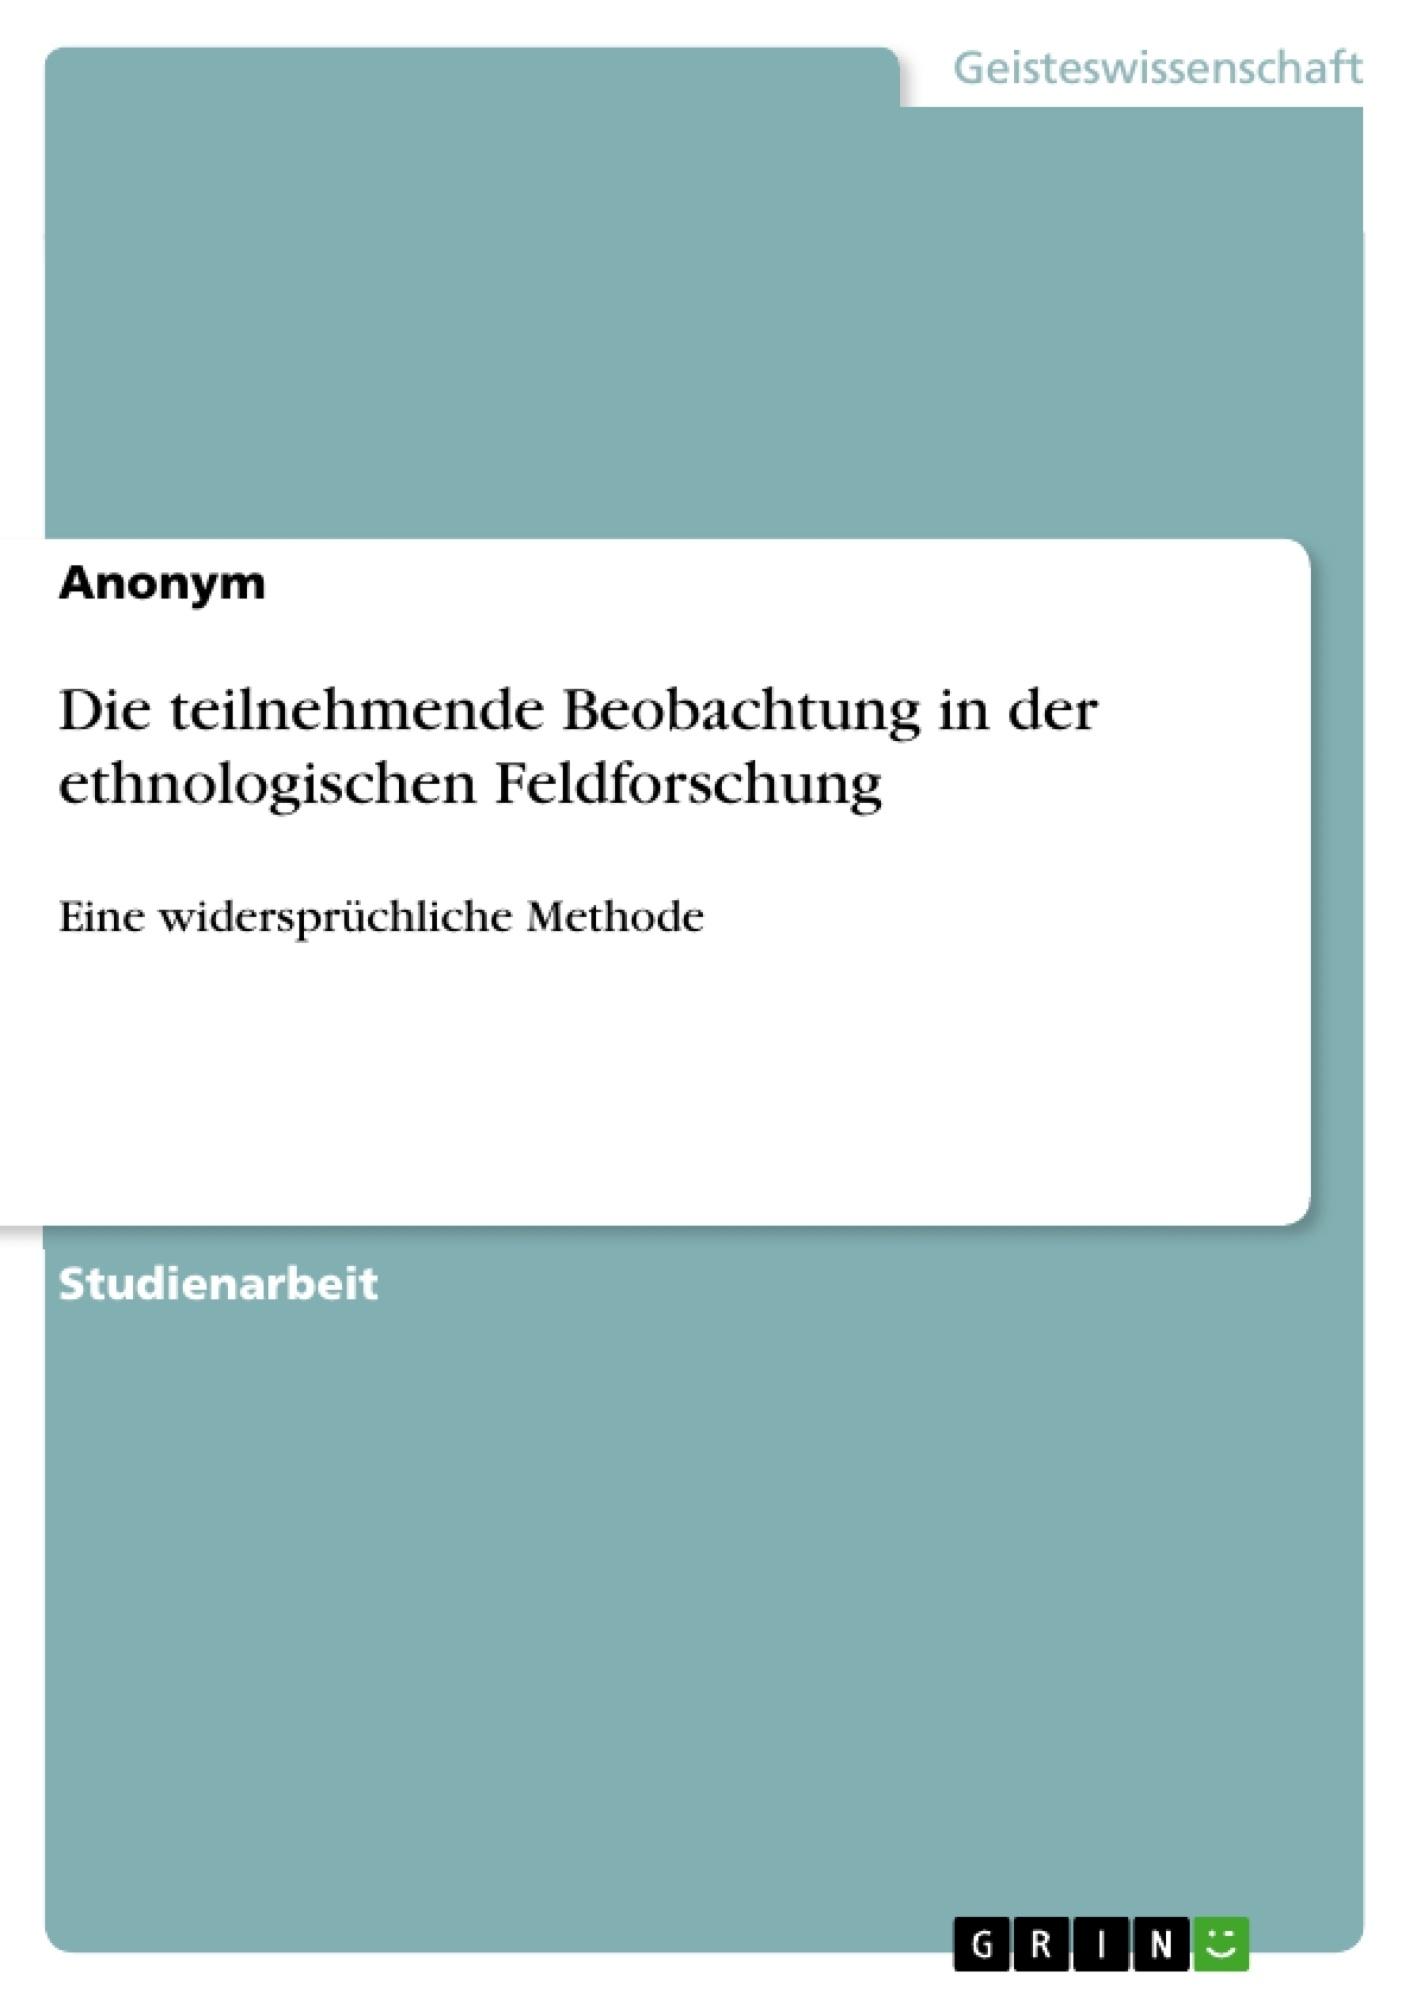 Titel: Die teilnehmende Beobachtung in der ethnologischen Feldforschung